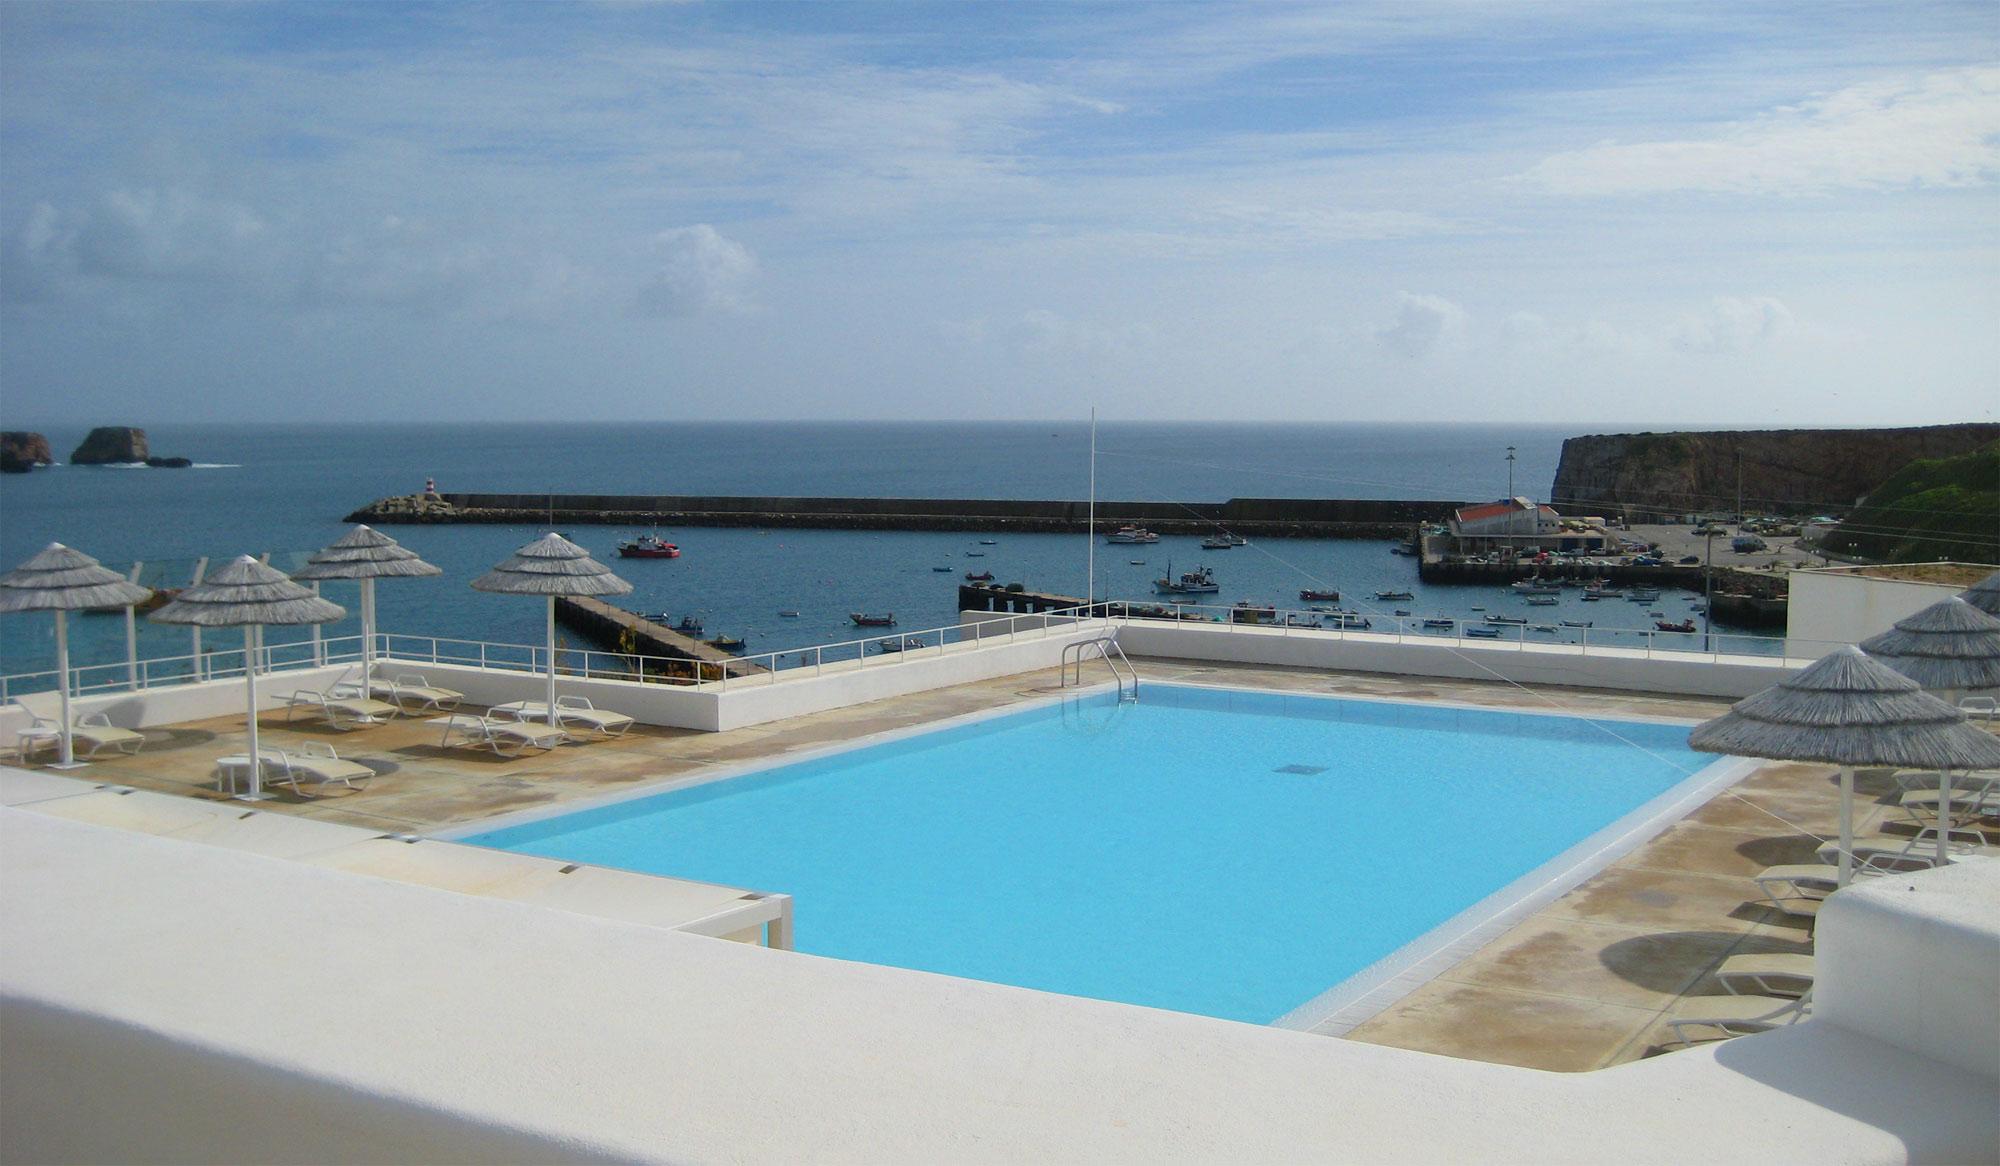 Hotel Memmo Baleeira - Blick auf den Hafen von Sagres